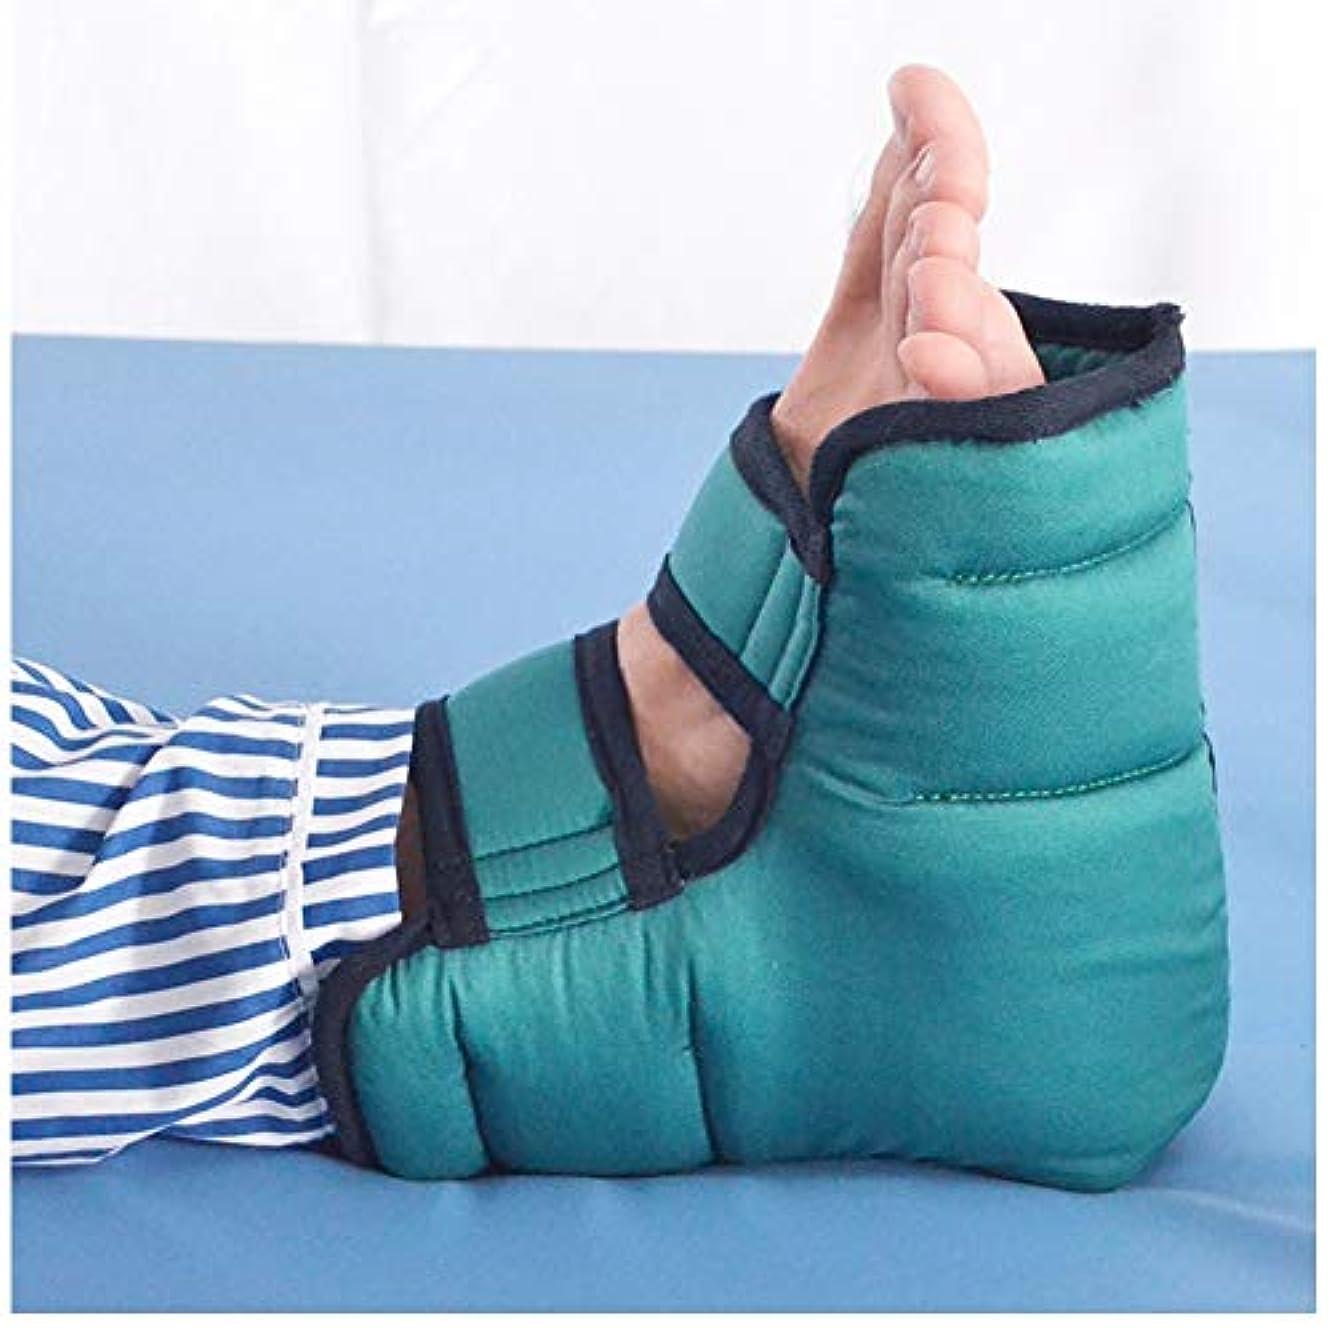 ストリーム漏斗川反褥瘡のかかとの保護材のクッション、足首サポート枕フットプロテクション、青、1ペア、9.45×9.05インチ